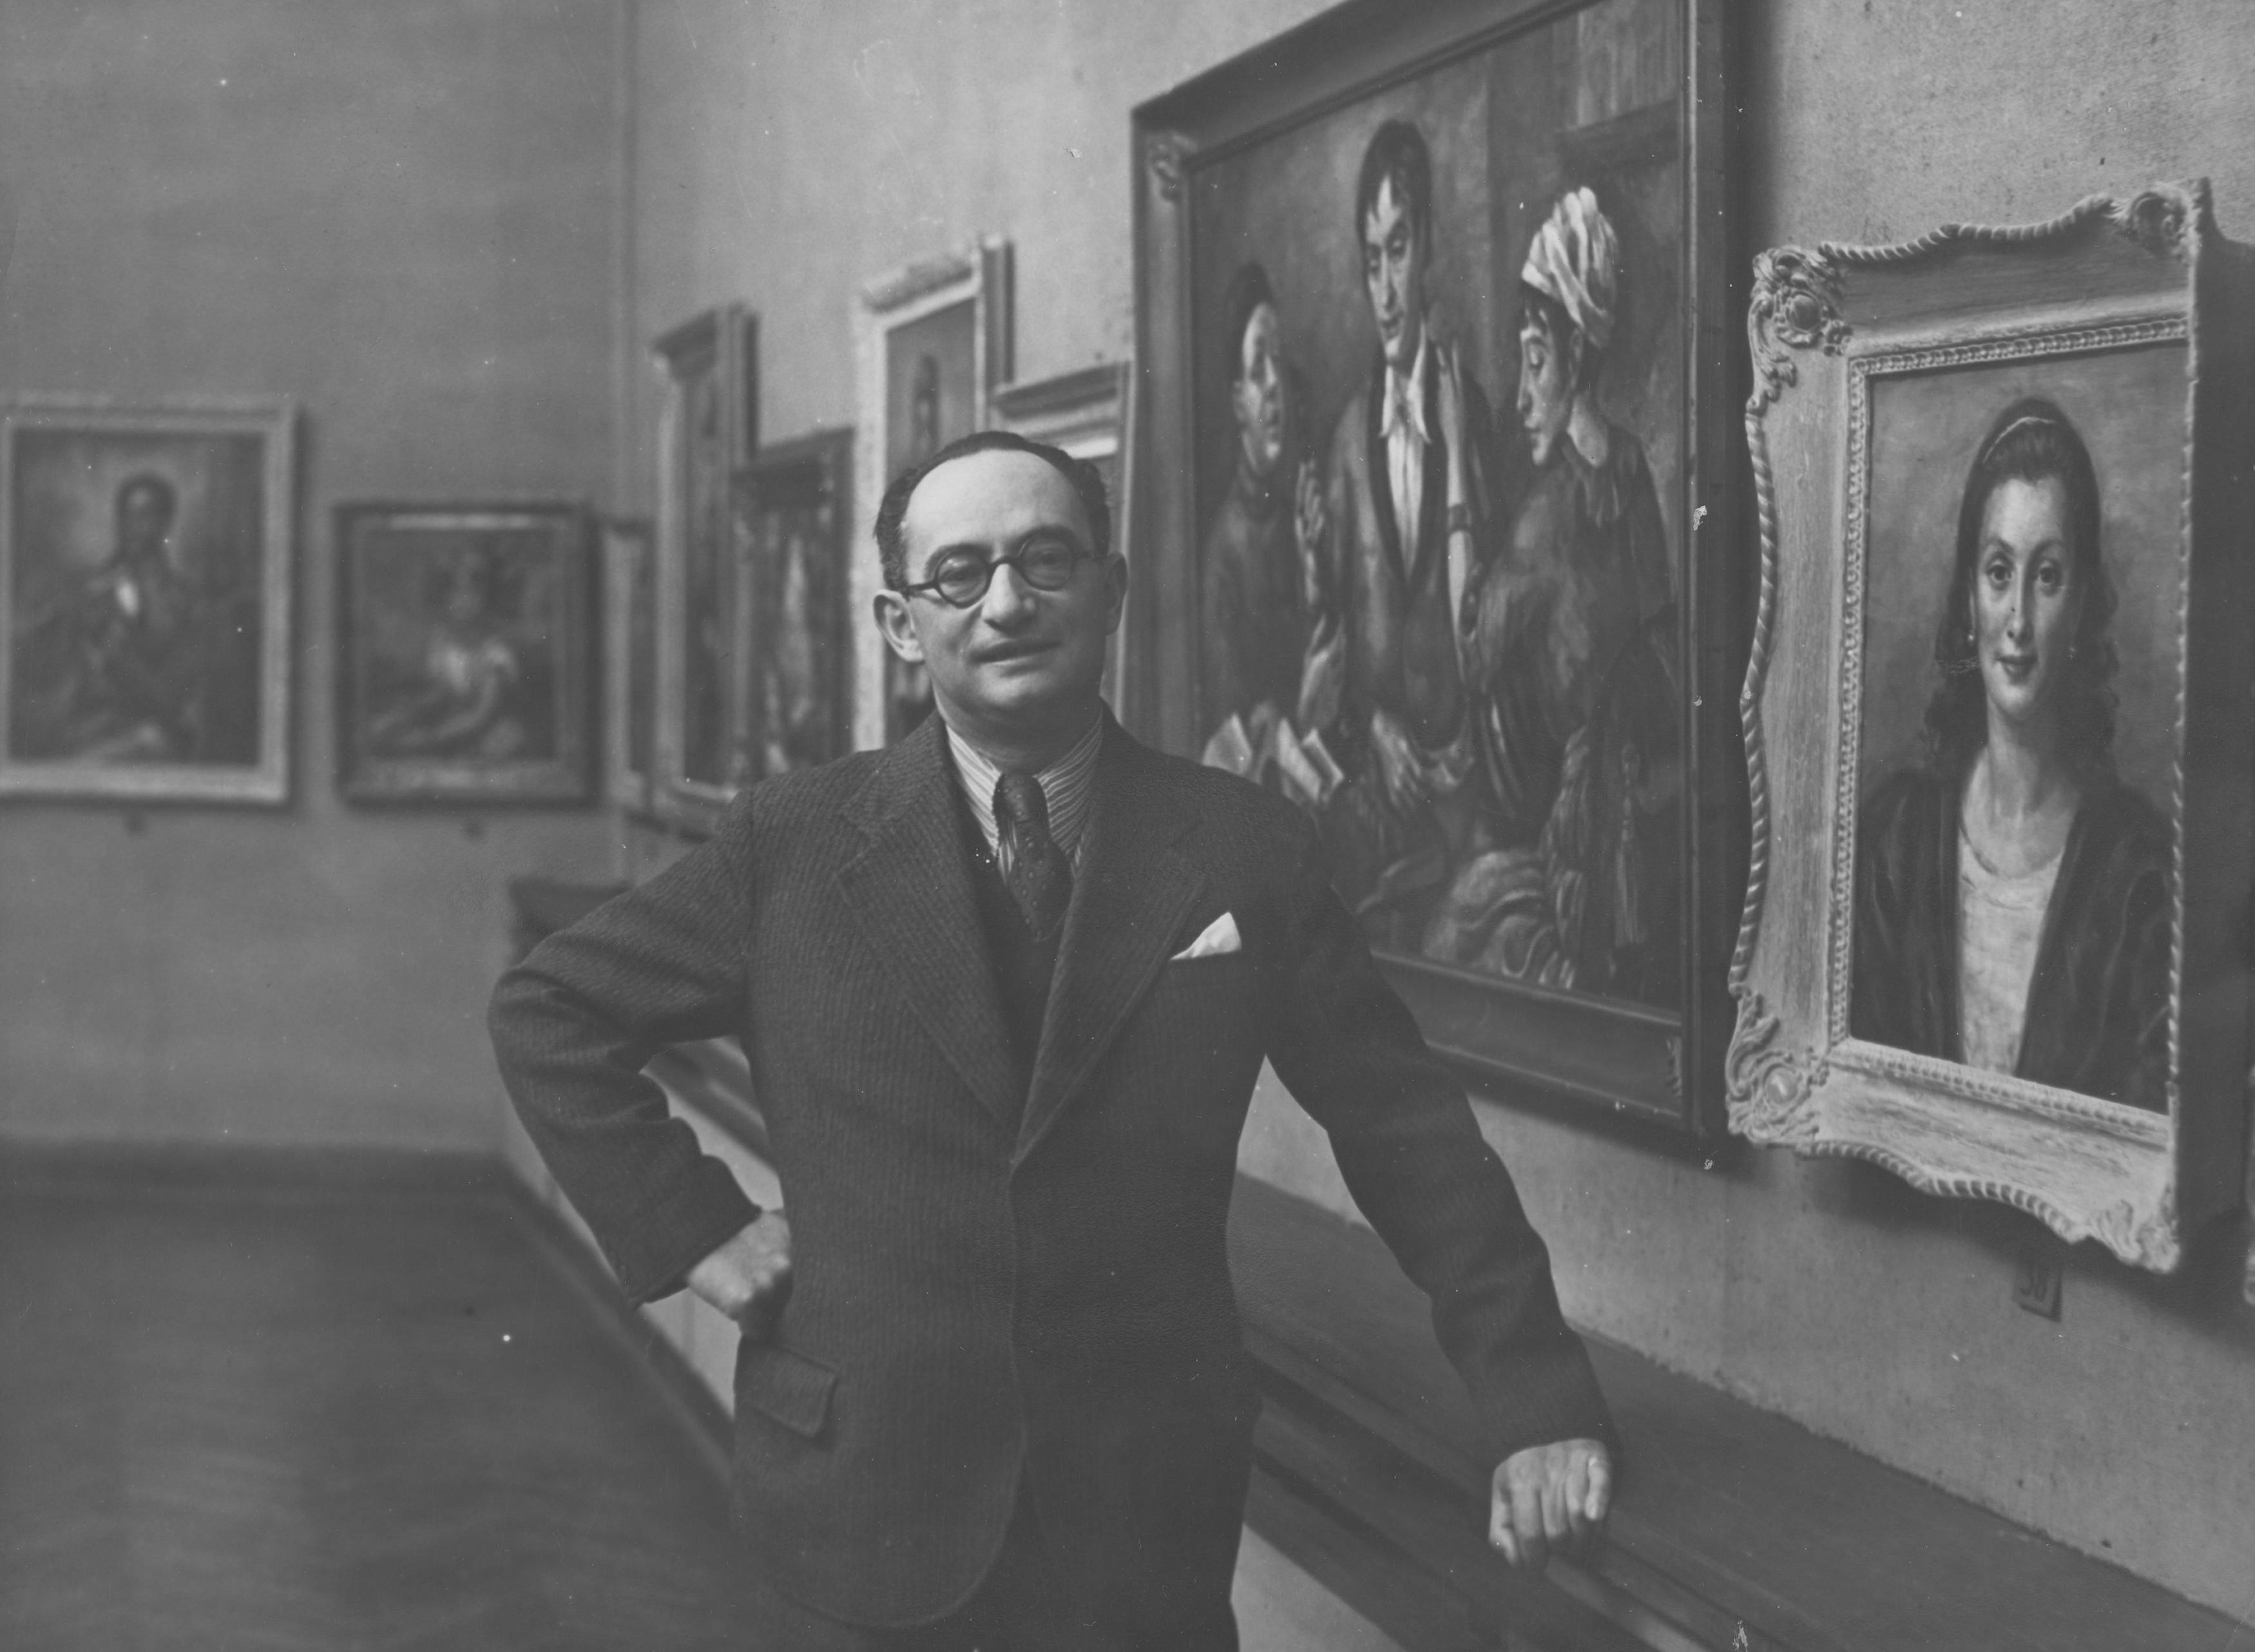 Roman Kramsztyk na tle wystawy swoich prac w Instytucie Propagandy Sztuki w Warszawie w 1932 roku, źródło: Narodowe Archiwum Cyfrowe